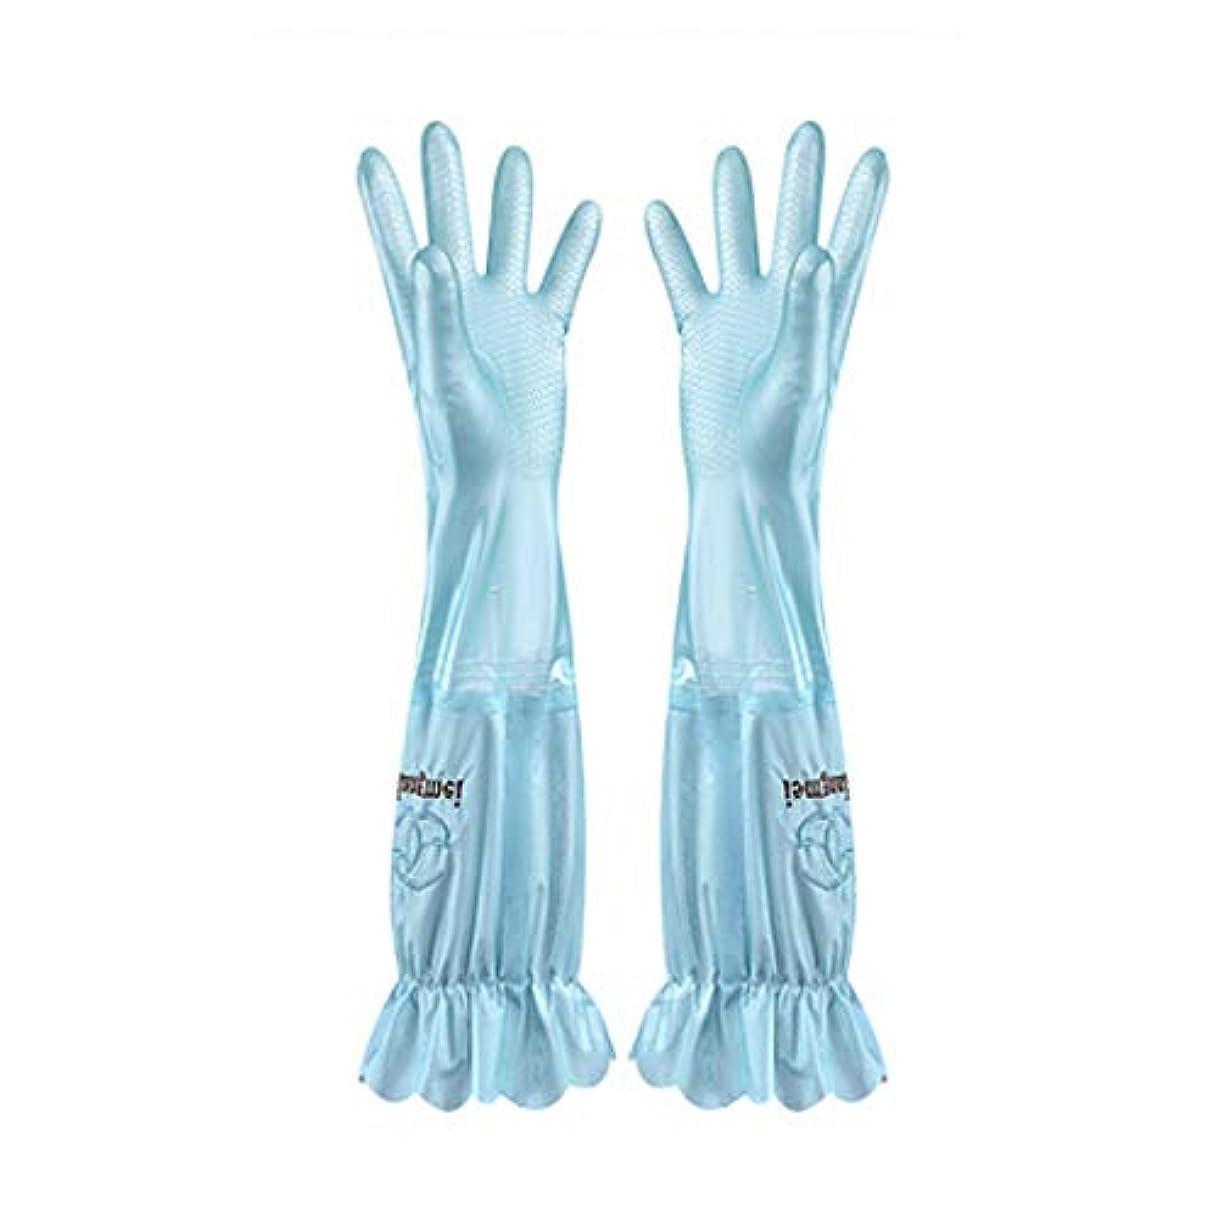 追記五十行BTXXYJP キッチン用手袋 手袋 耐摩耗 作業 食器洗い 炊事 掃除 園芸 洗車 防水 手袋 (Color : BLUE, Size : L)